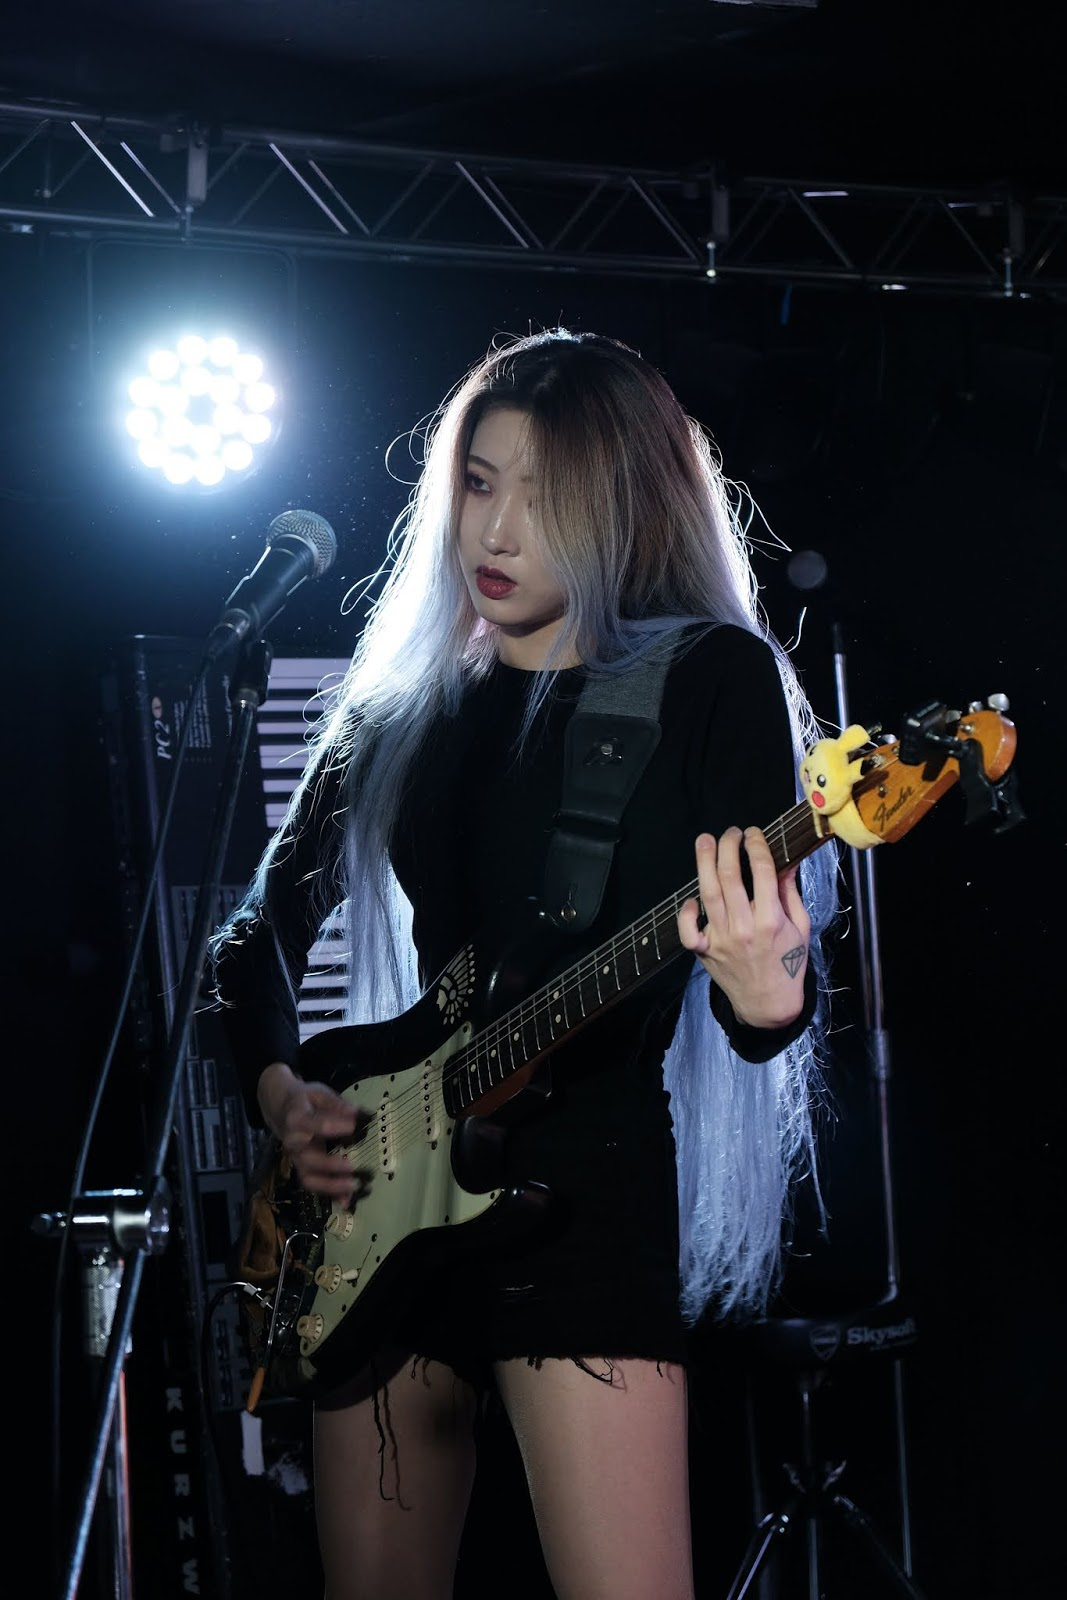 hyunjung rolling quartz entrevista